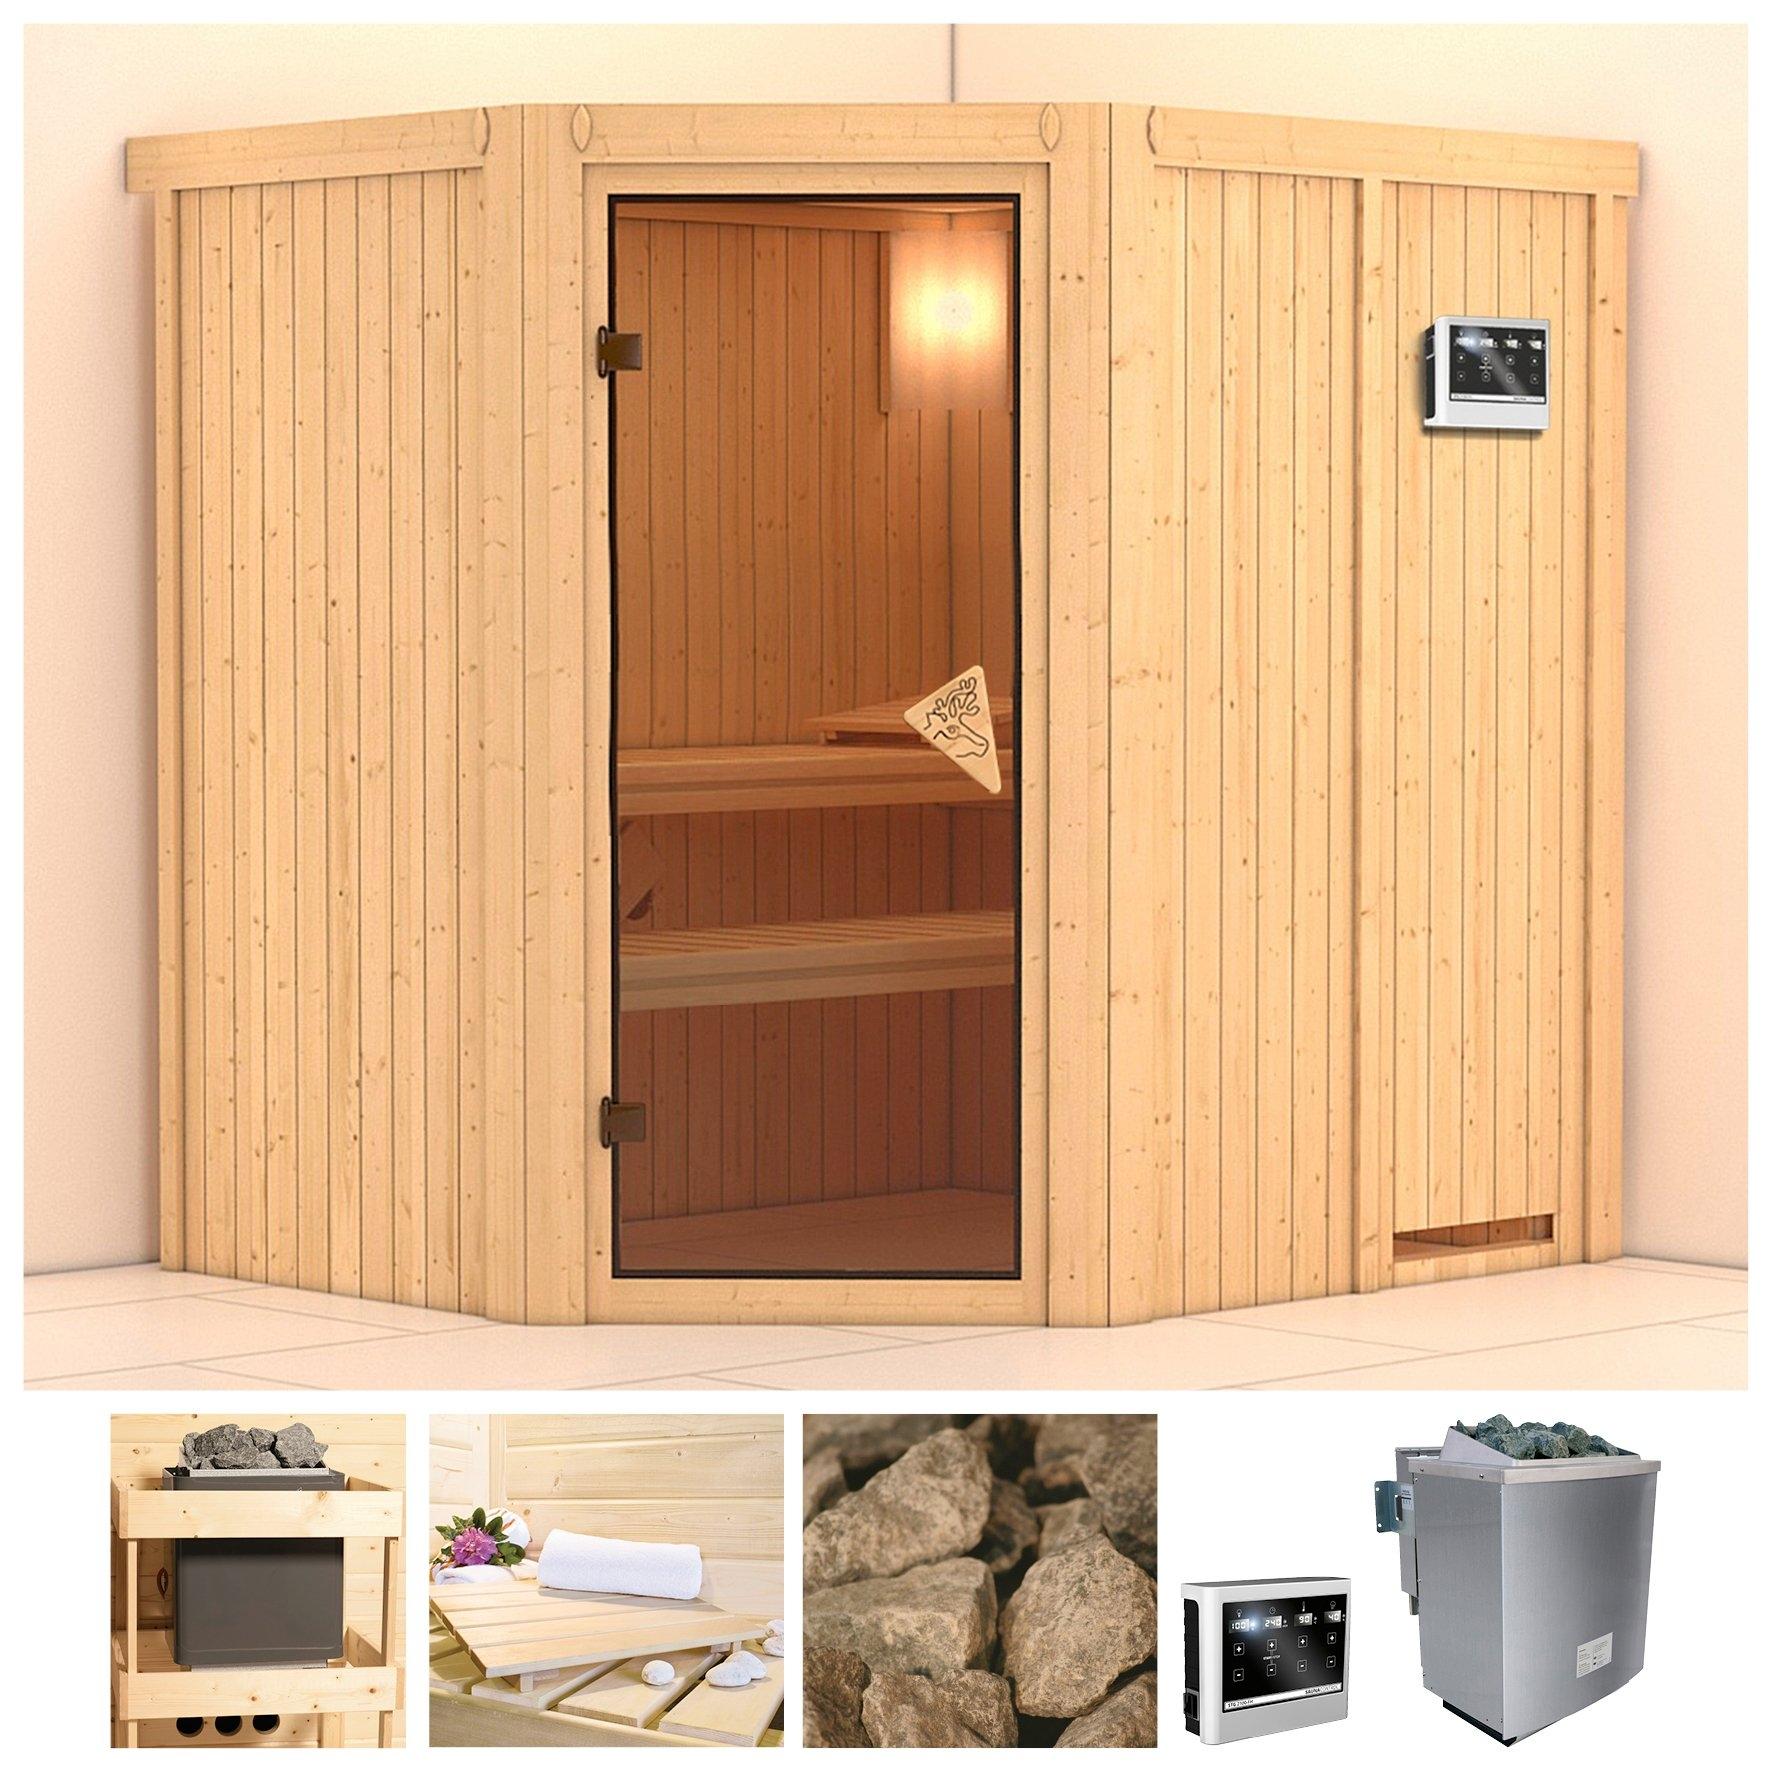 Konifera sauna »Siirin«, 196/170/198 cm, 68 mm, 9-kW-Bio-Kombiofen mit ext. Steuerung - verschillende betaalmethodes